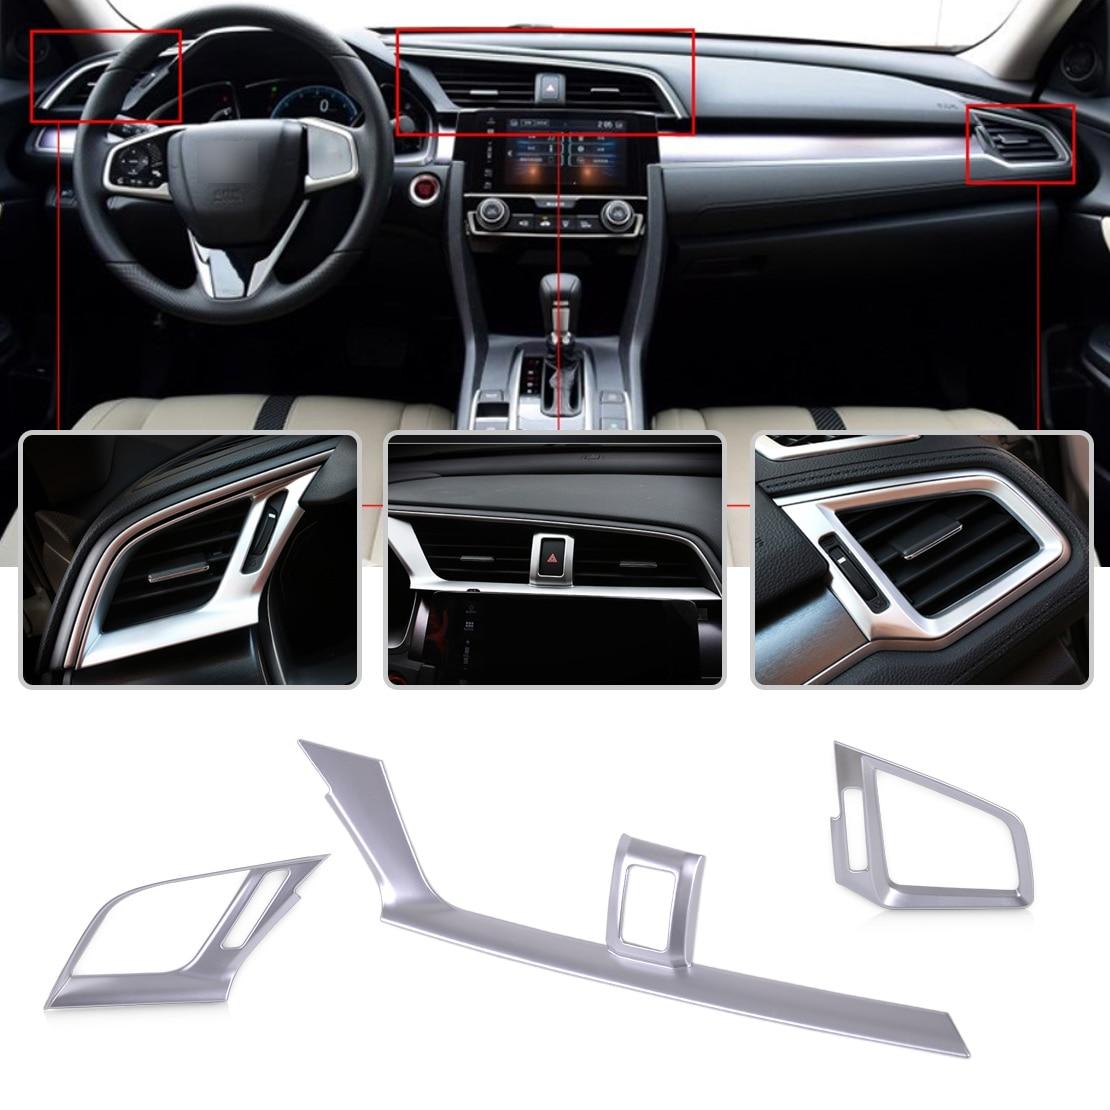 Beler 3 Pcs Argent Chrome Plaqué Console Tableau de Bord Climatisation Outlet Vent Garniture Couverture pour Honda Civic 2016 2017